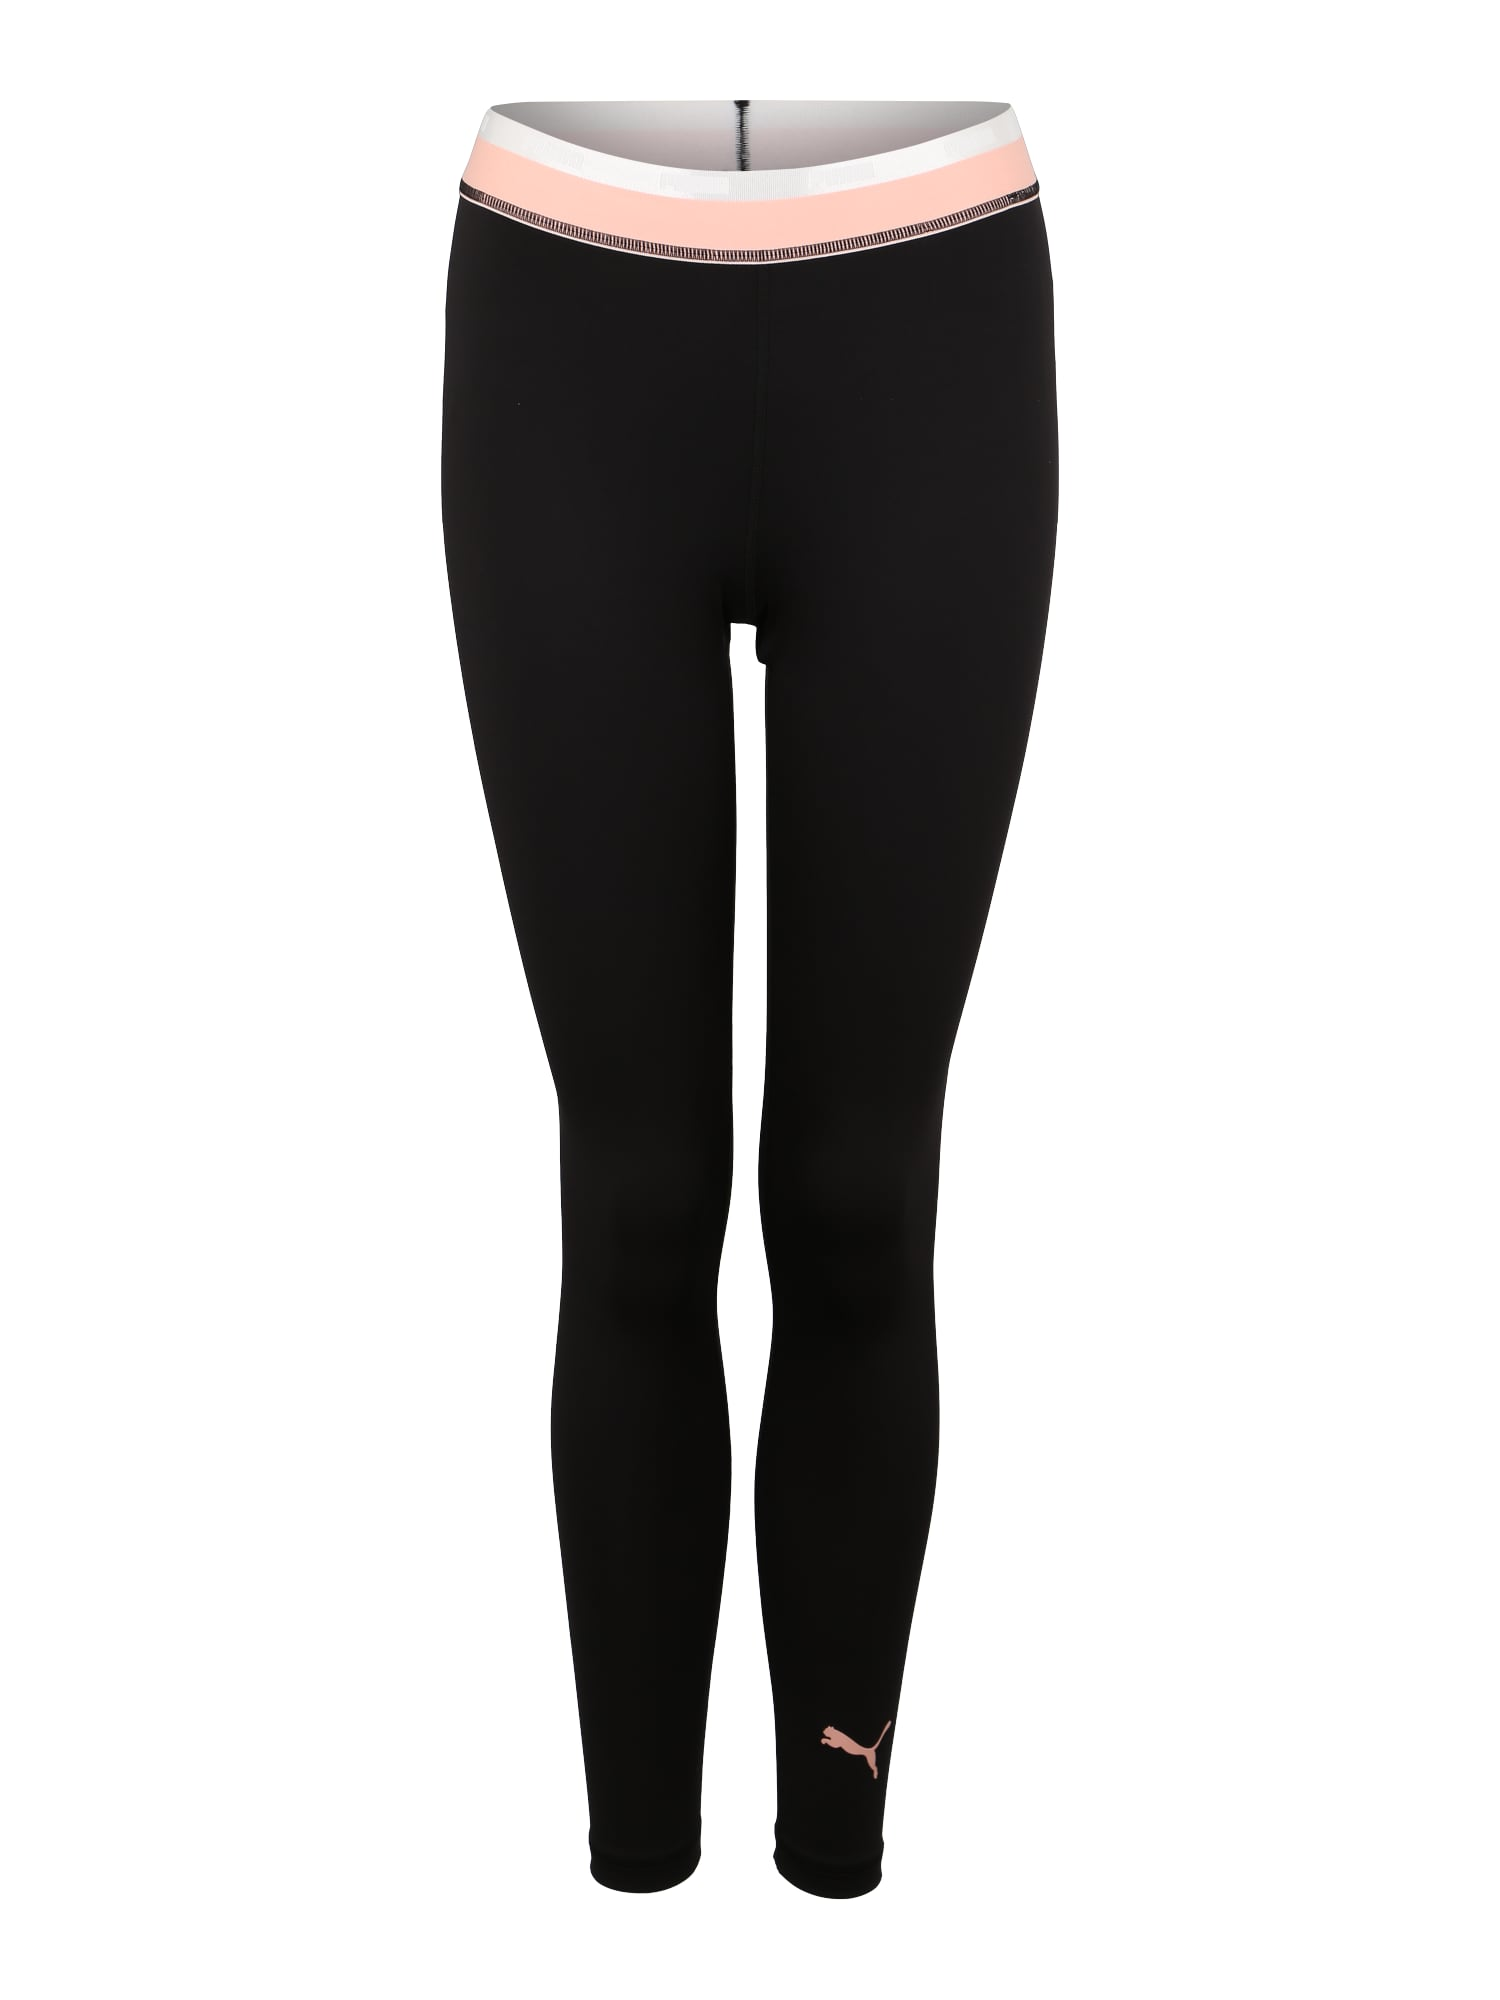 Sportovní kalhoty Soft Sports růžová černá PUMA